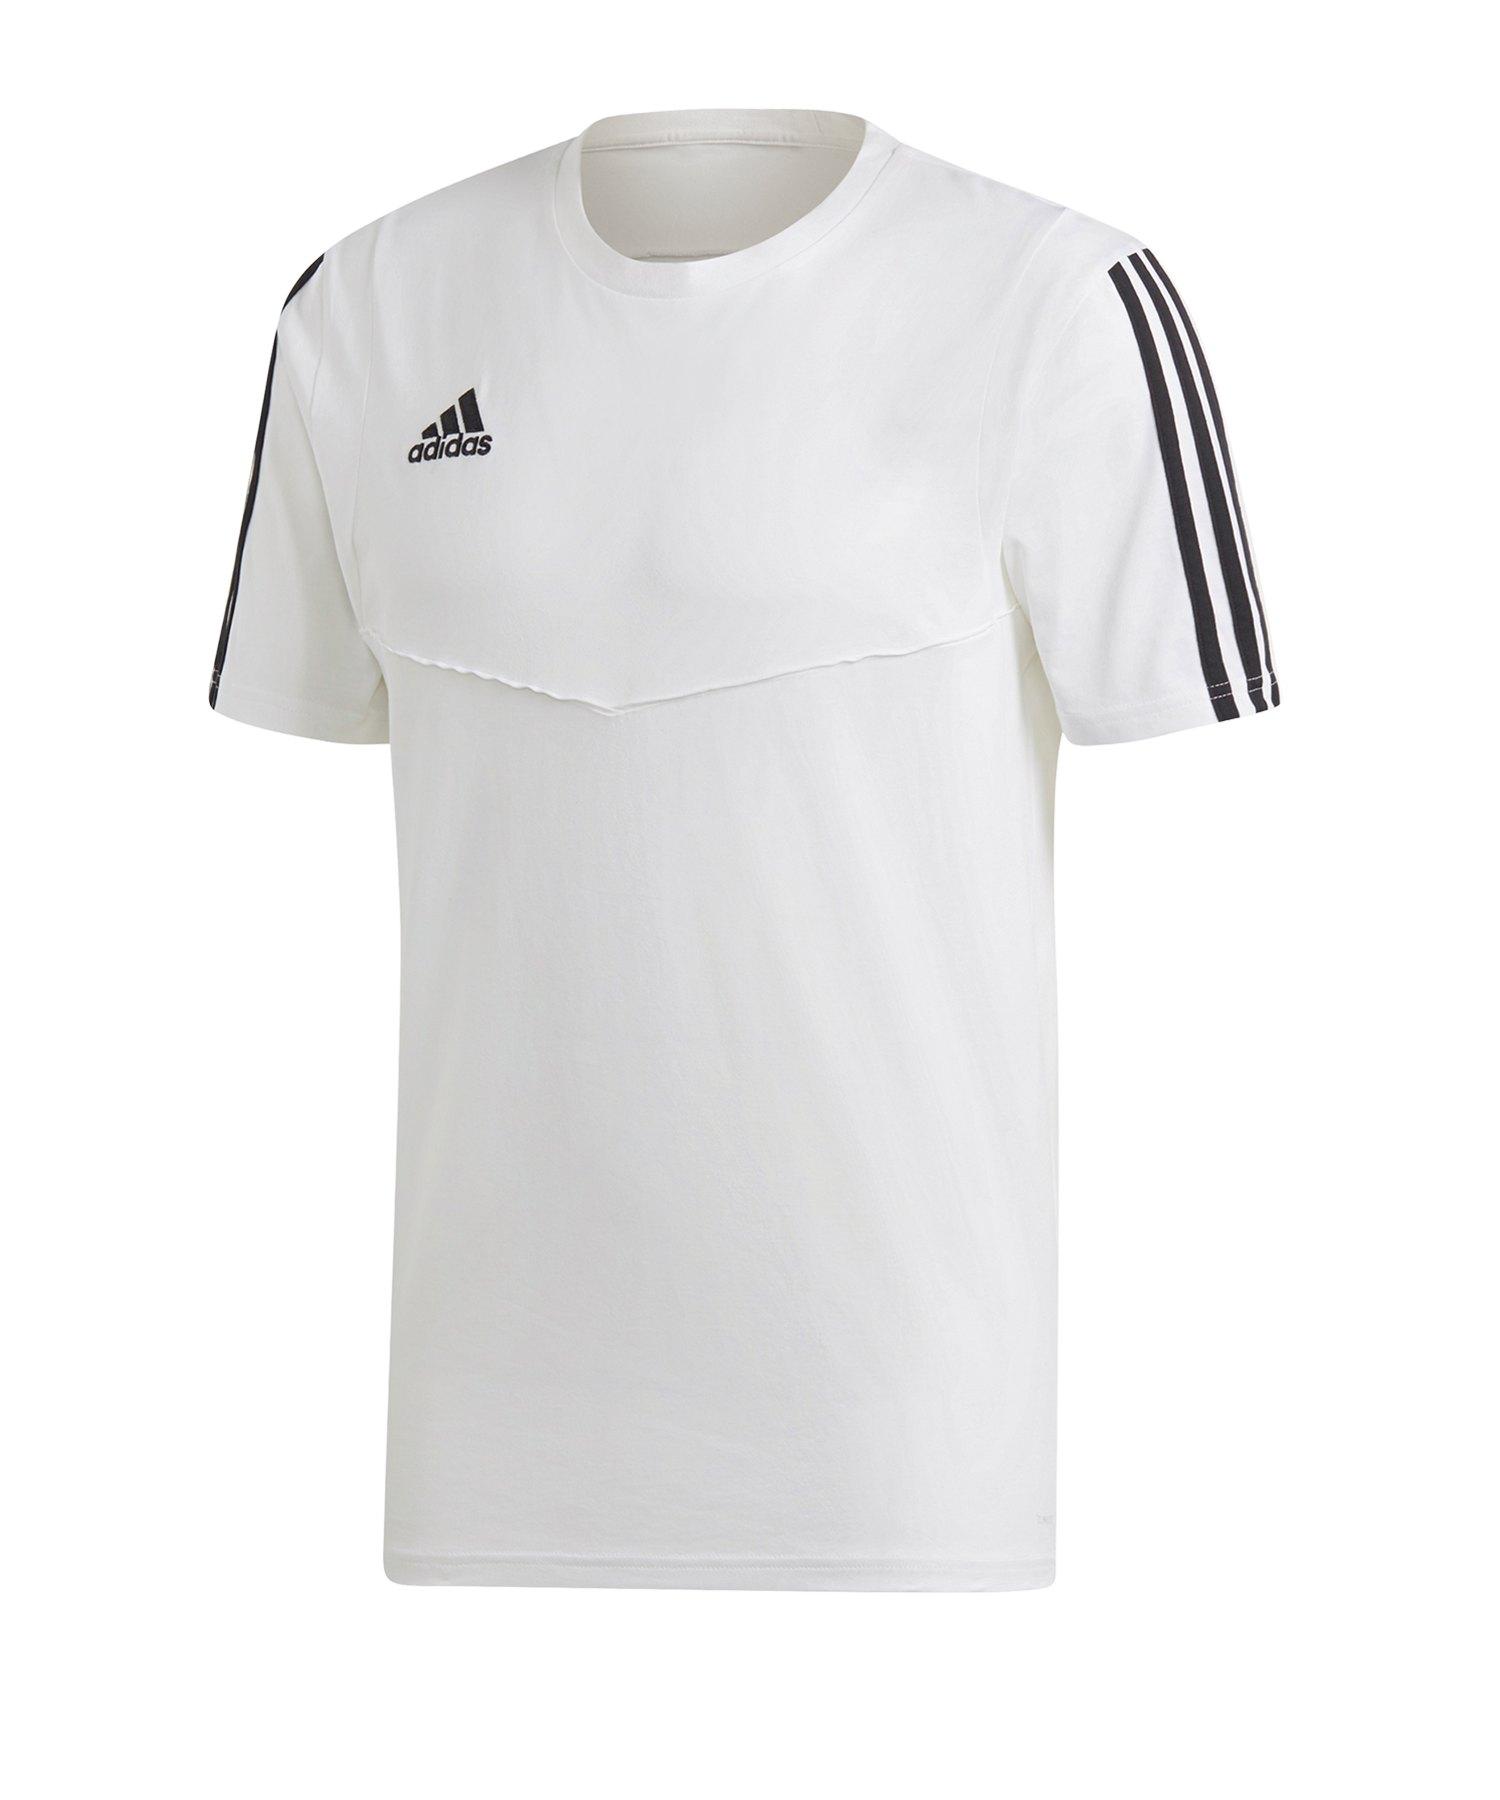 adidas Tiro 19 Tee T-Shirt Weiss Schwarz - weiss